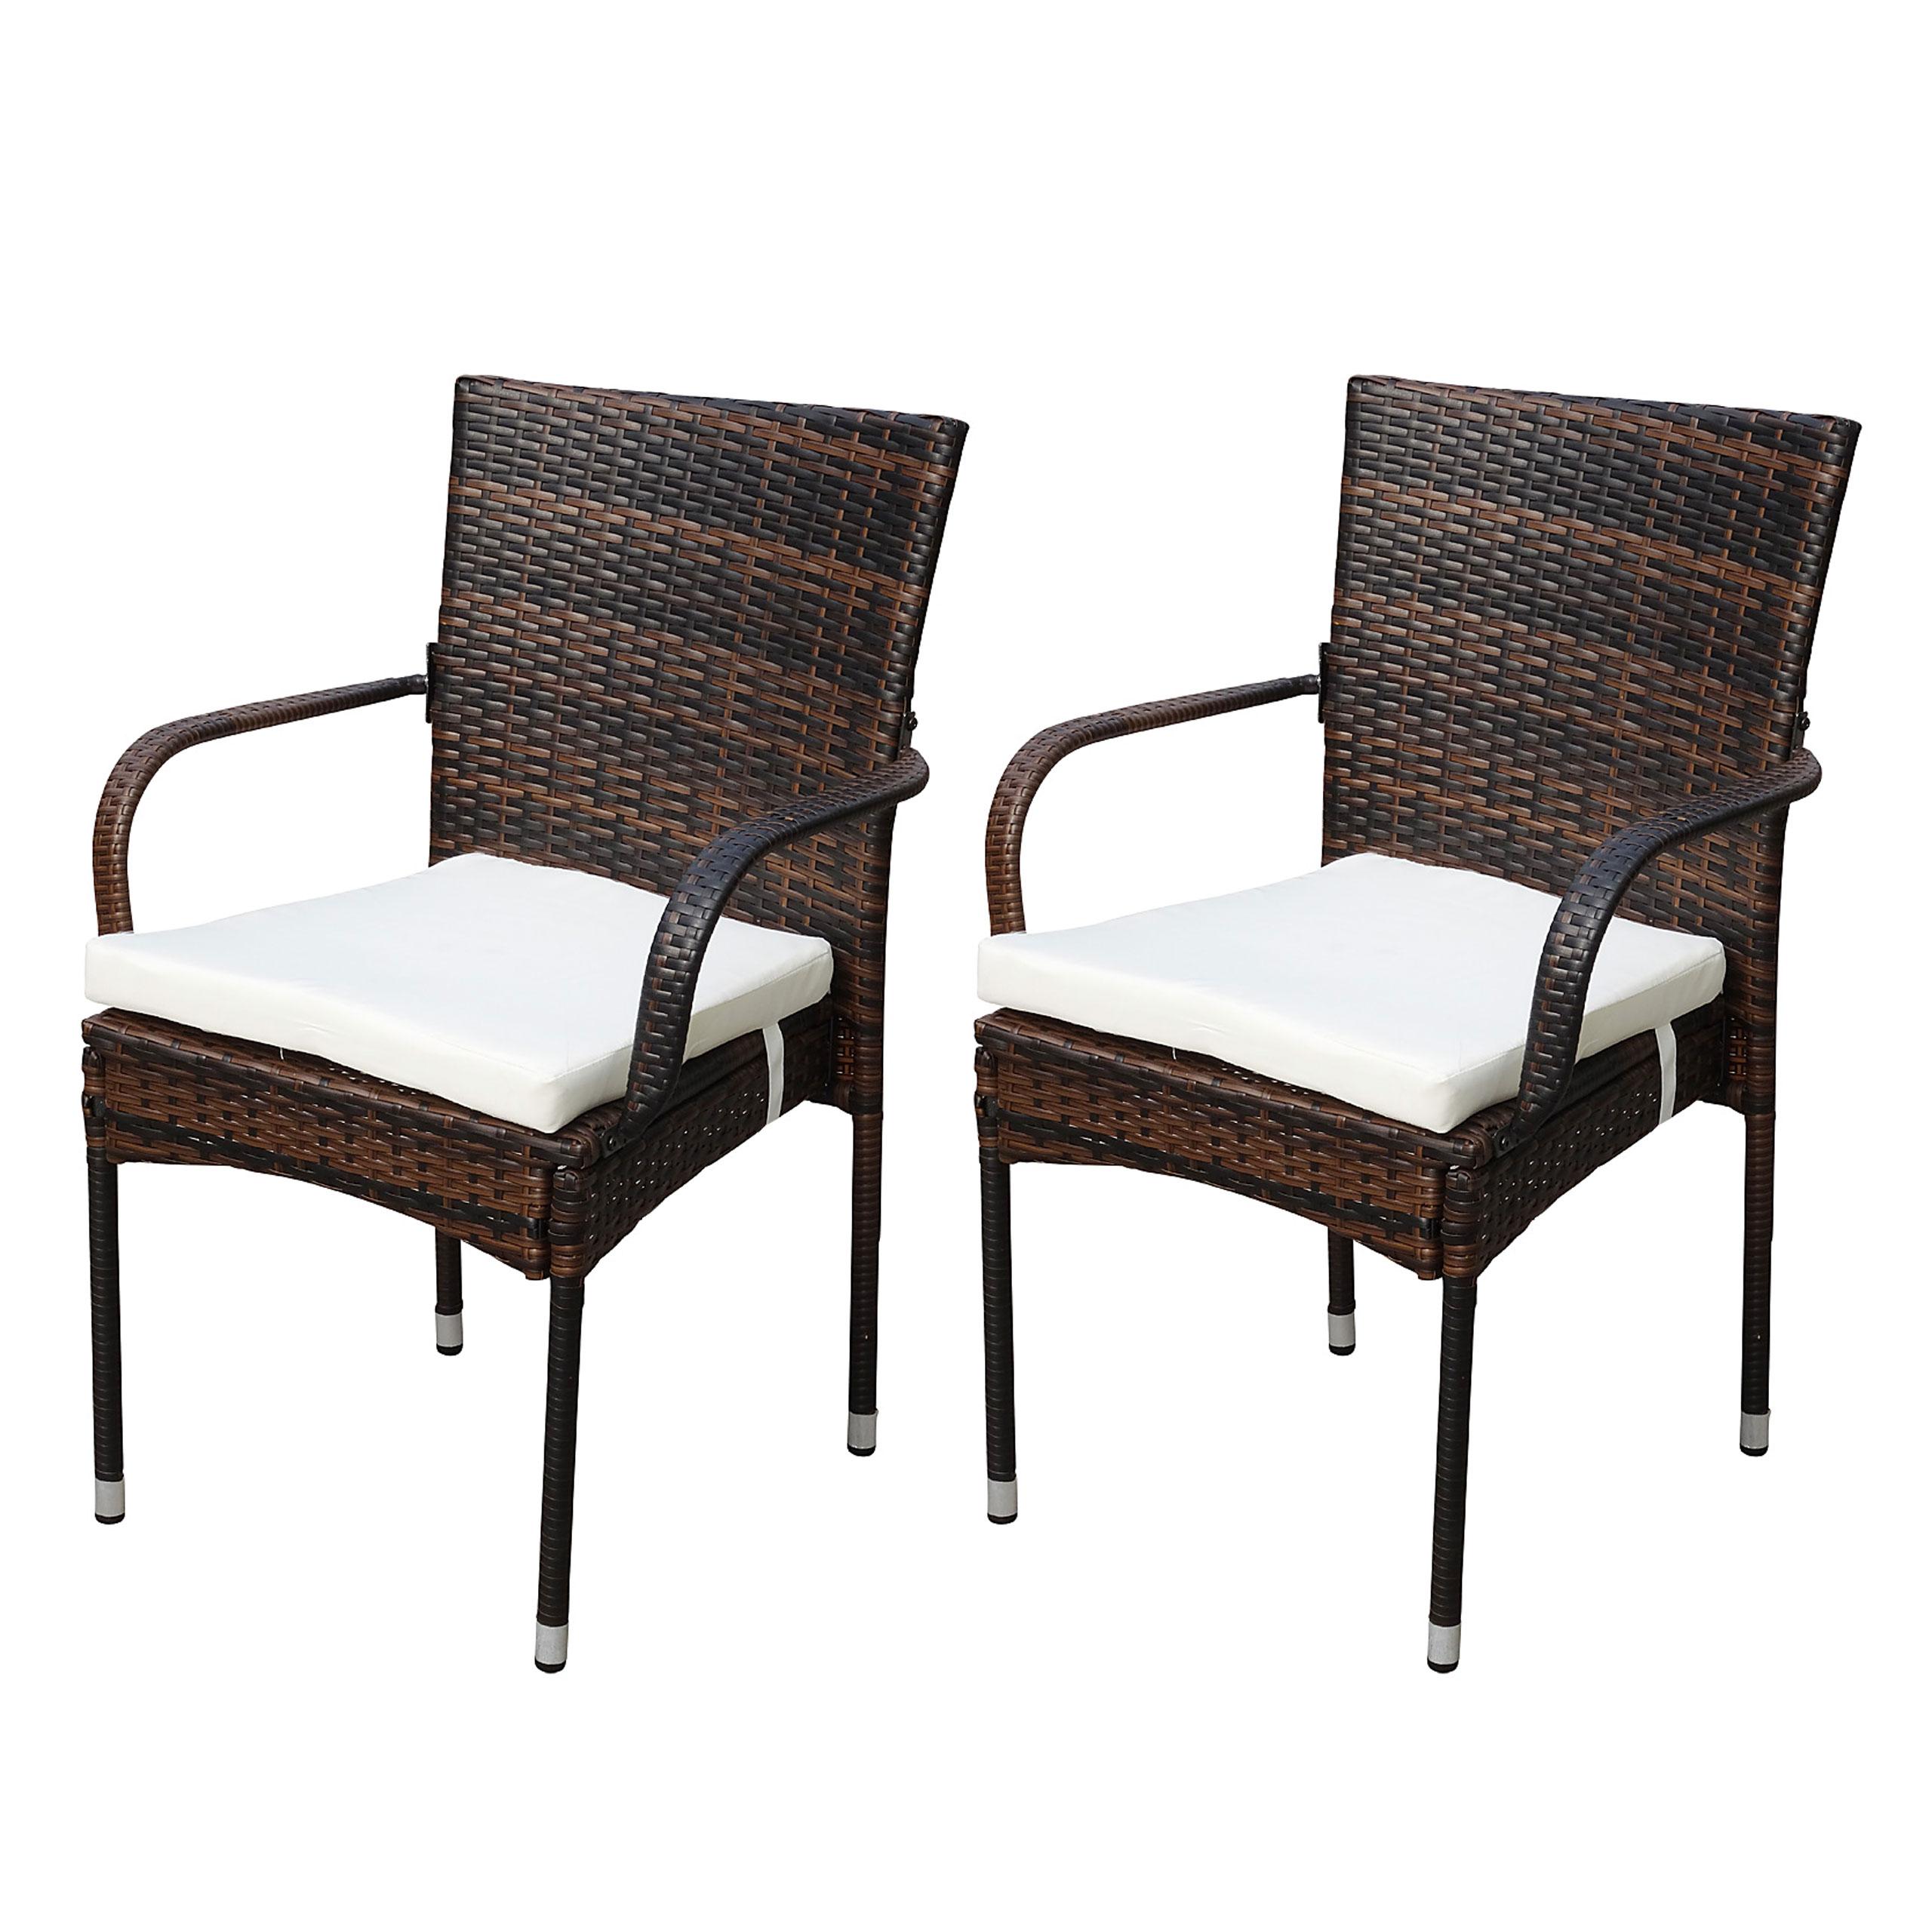 Gartenstühle rattan braun  2x Poly-Rattan Gartenstuhl Ariana, Stapelstuhl braun - Kaufen bei ...